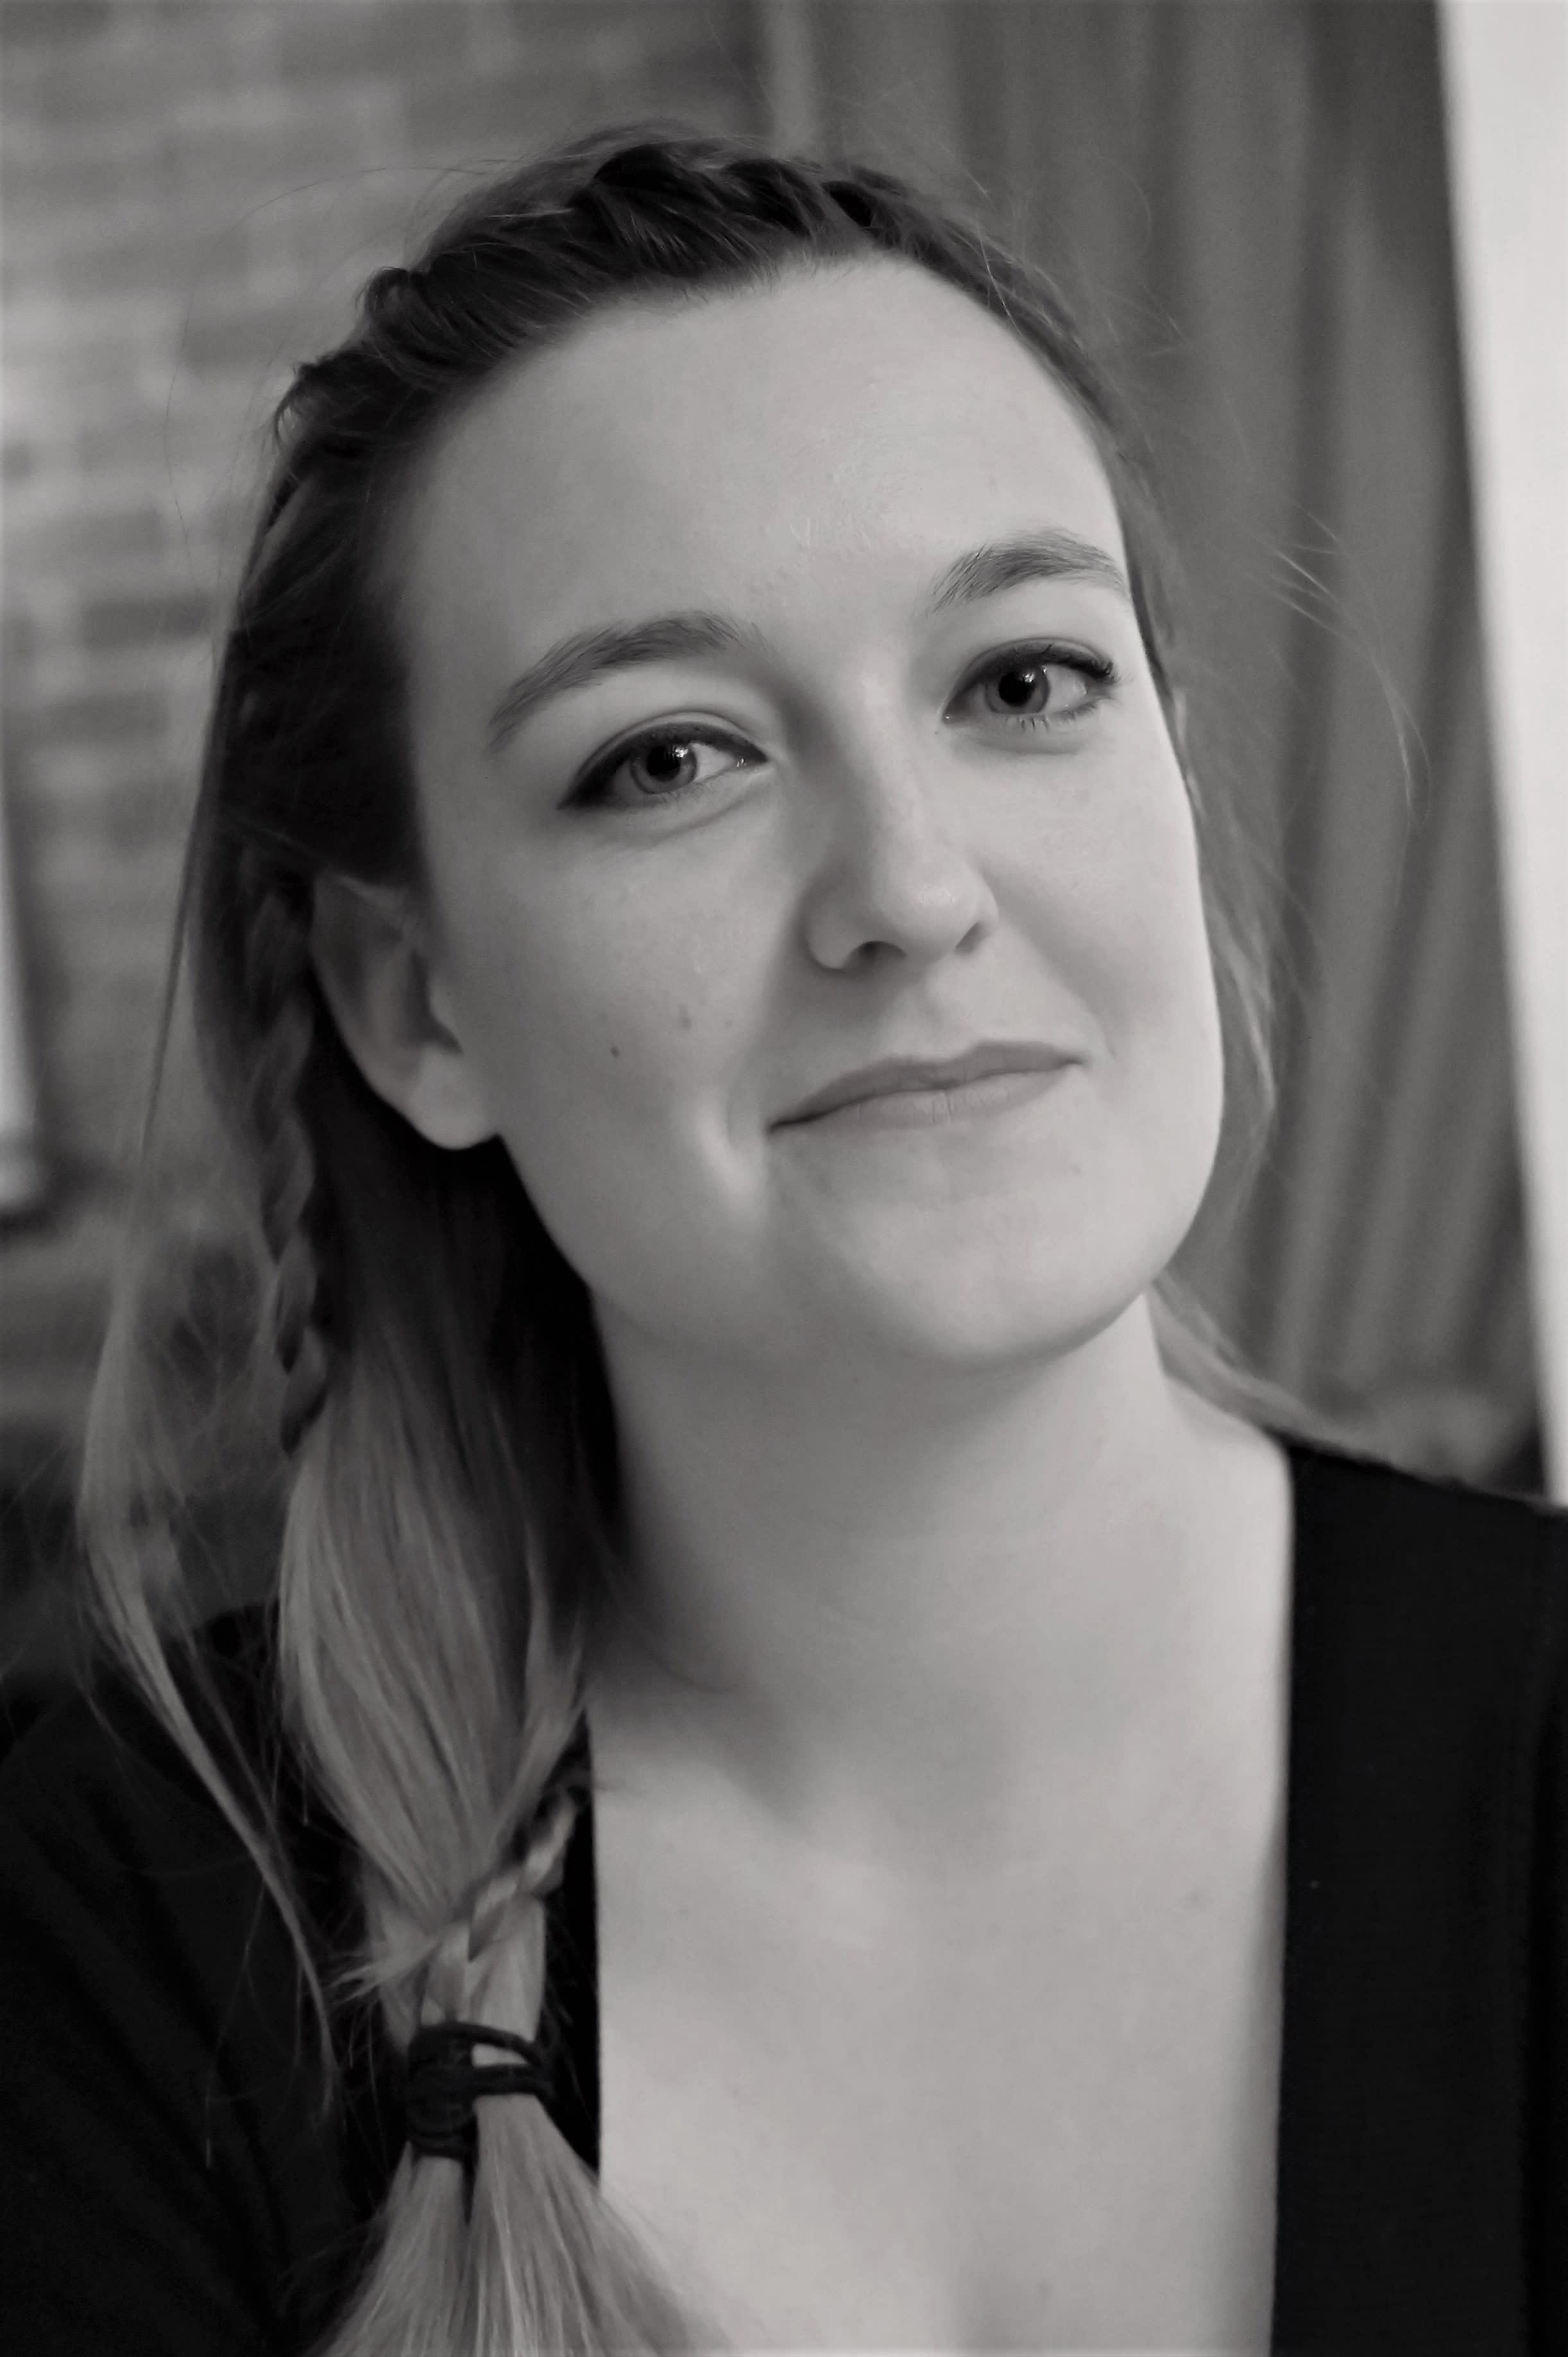 AnnetteVeteau